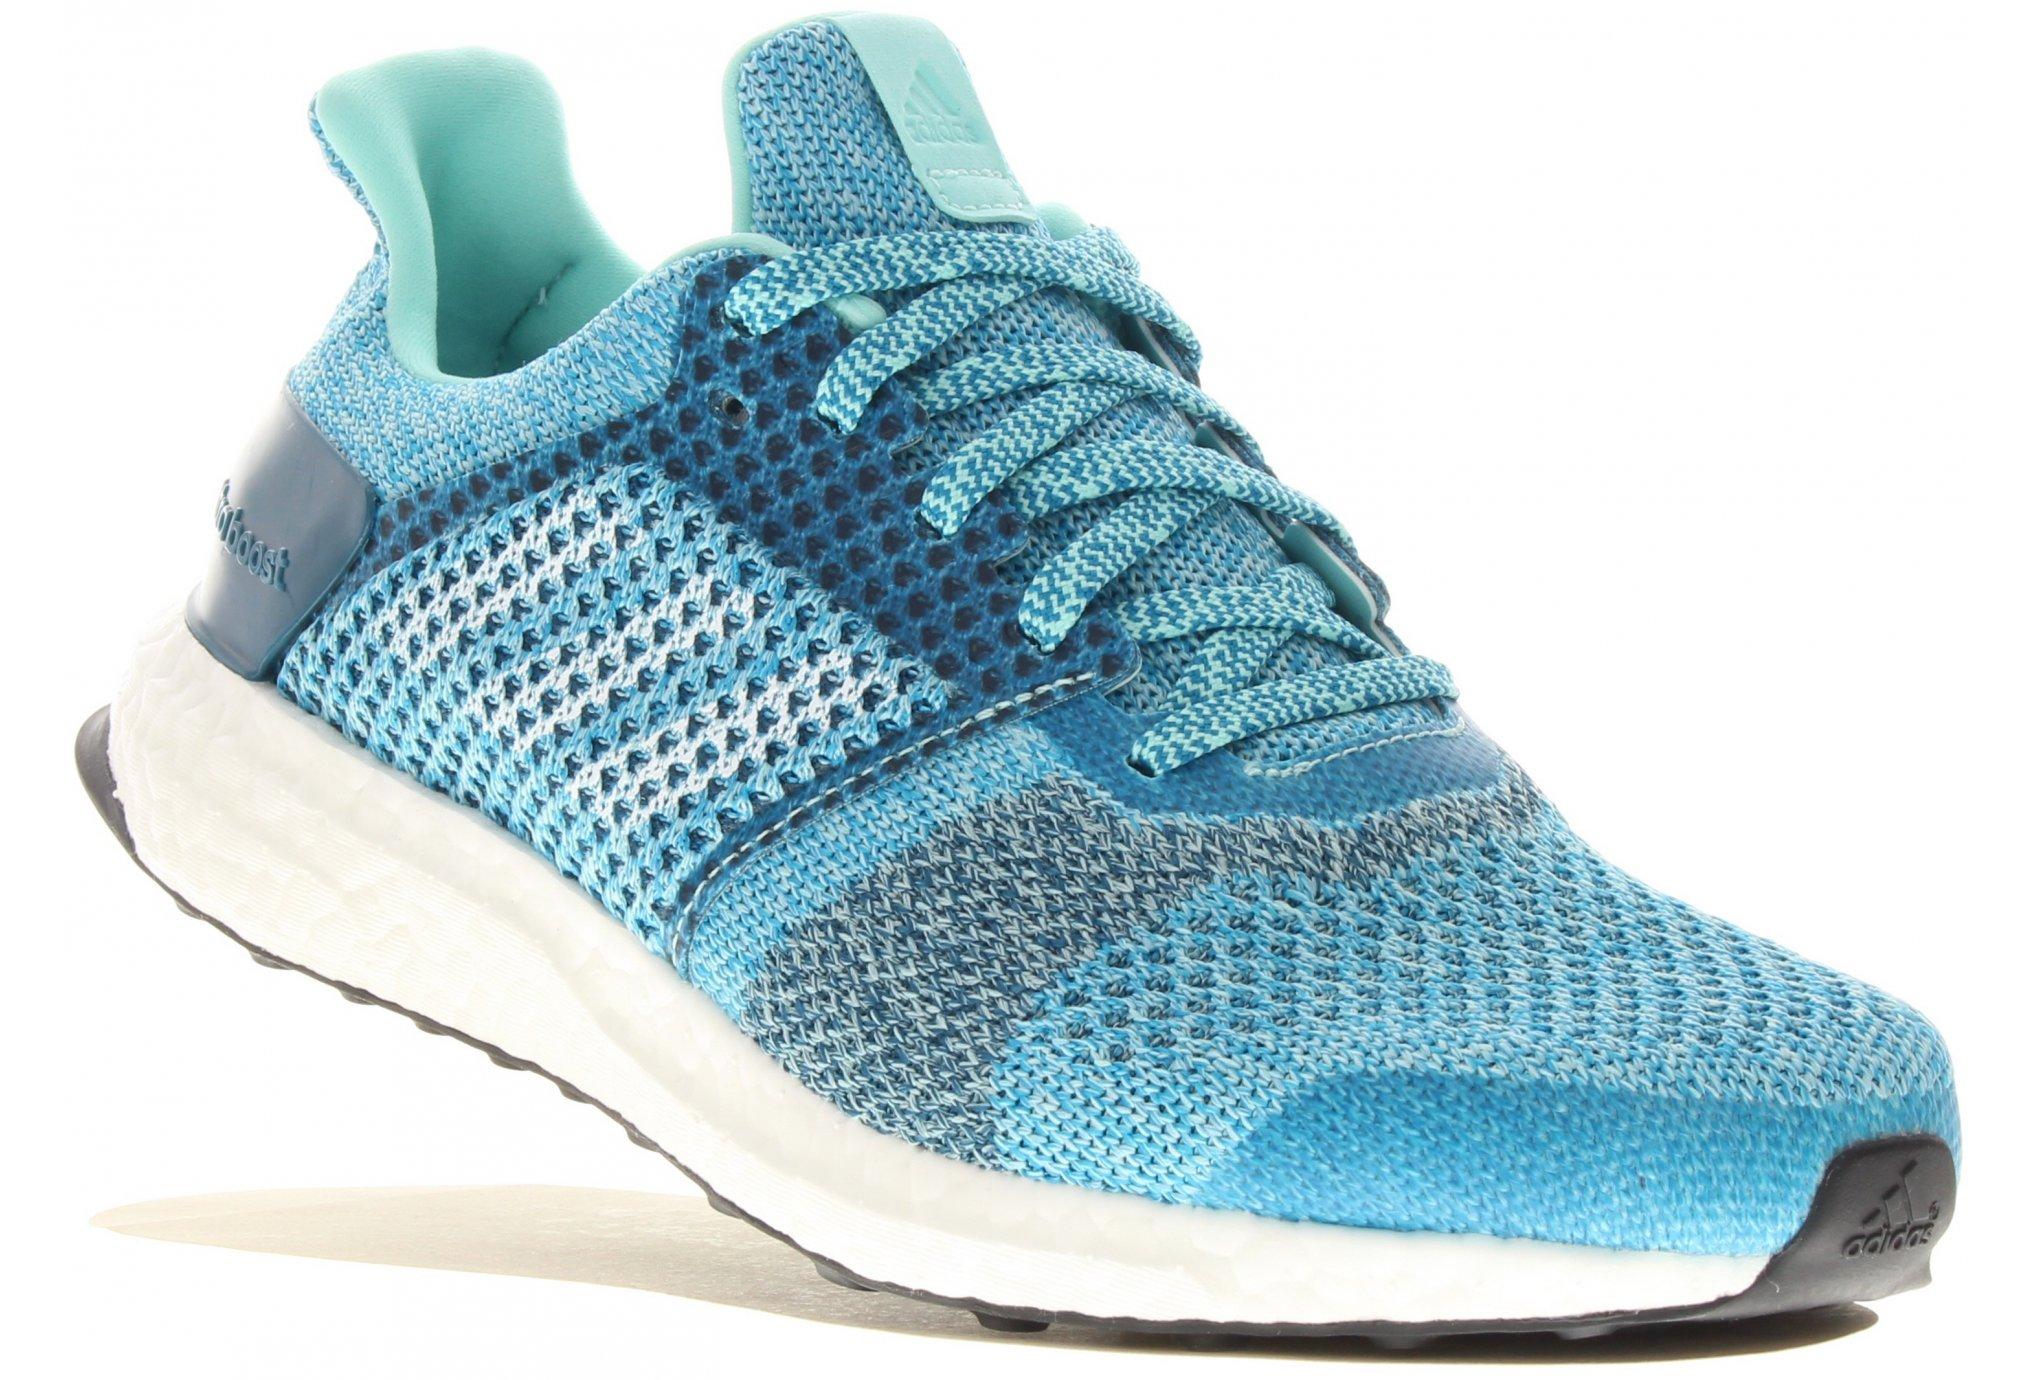 adidas UltraBOOST ST W Diététique Chaussures femme